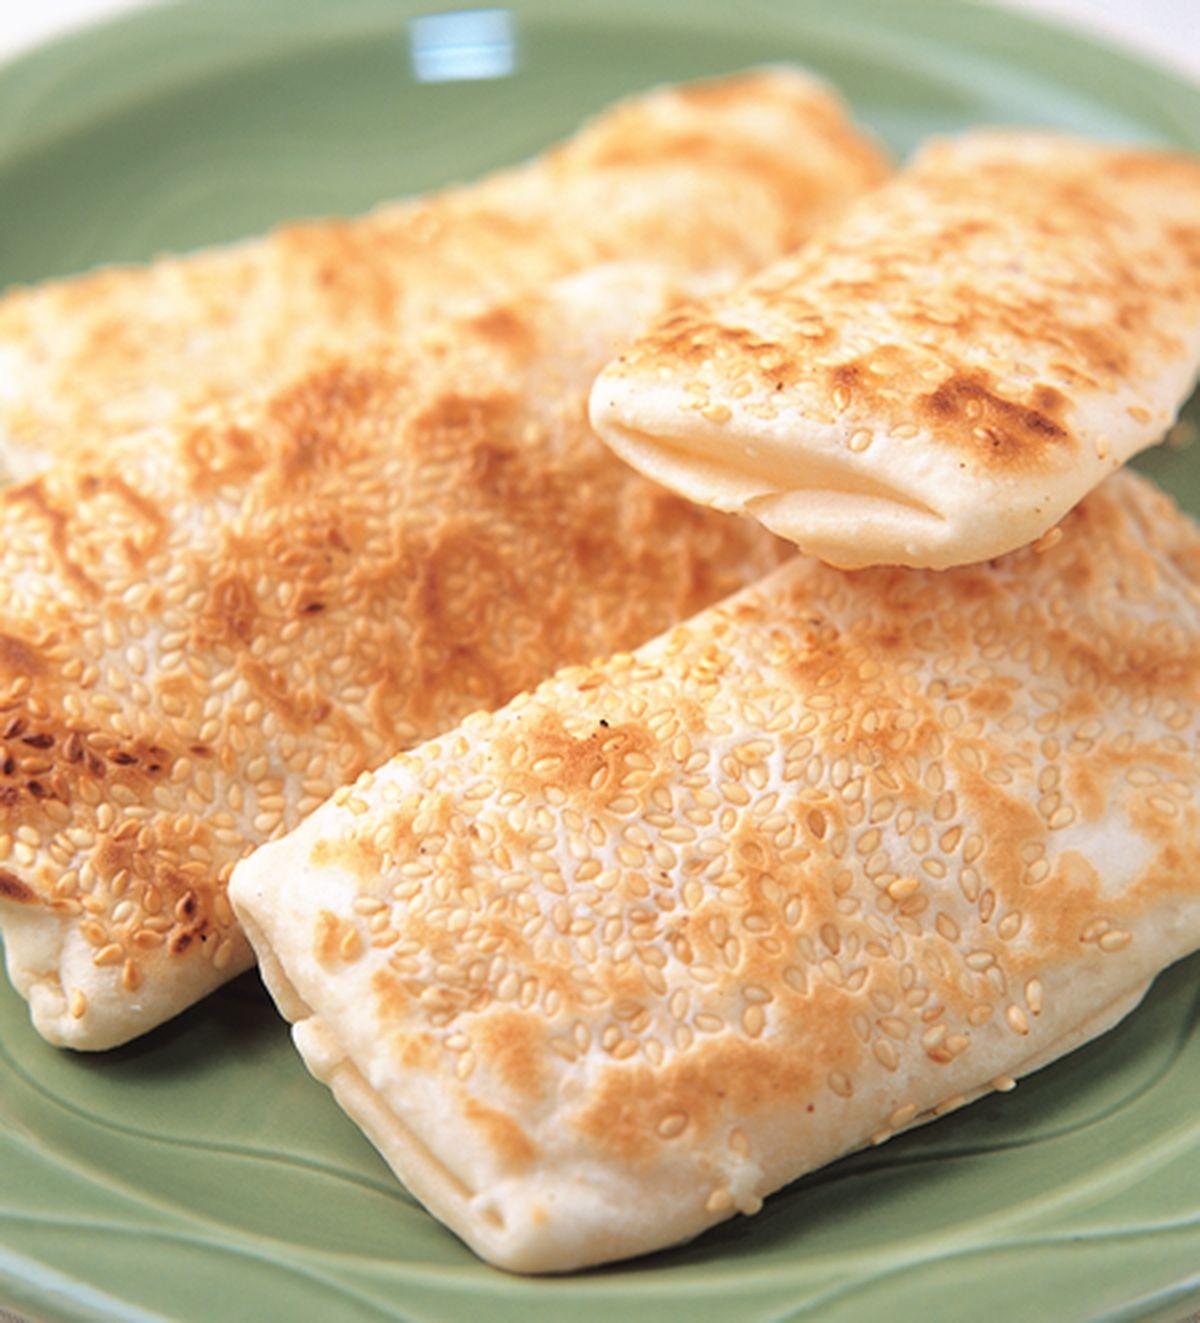 【食譜】芝麻燒餅(1):www.ytower.com.tw